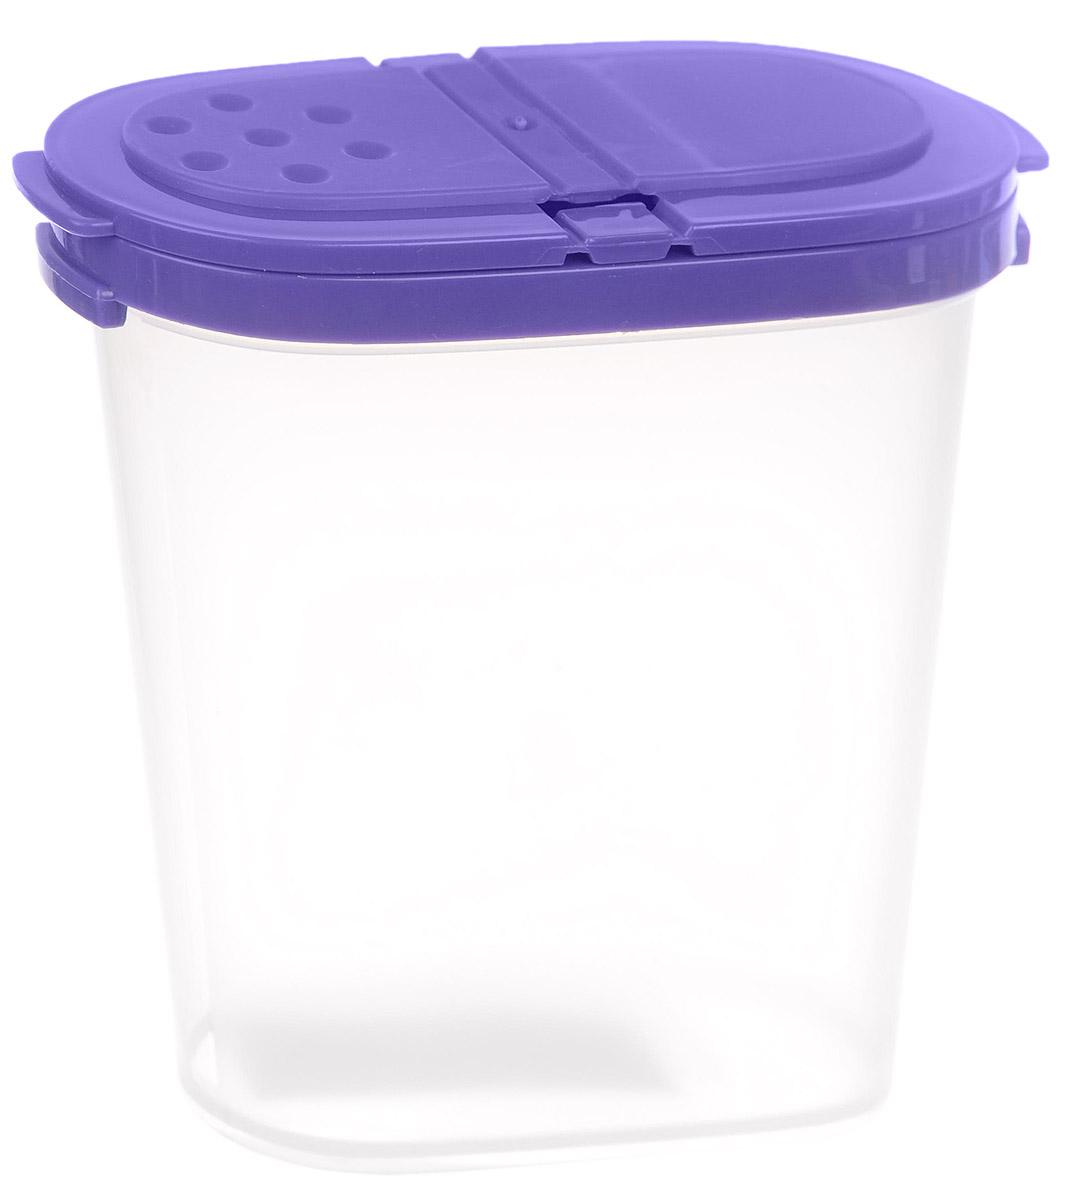 Контейнер для специй Idea, цвет: фиолетовый, прозрачный, 270 млМ 1246_фиолетовыйКонтейнер Idea, изготовленный из высококачественного пластика, позволит вам хранить разнообразные специи. Изделие оснащено крышкой с 2 отделениями. Одно отделение имеет 1 большое отверстие, другое выполнено в виде сита с отверстиями диаметром 3 мм. Контейнер Idea для хранения специй станет незаменимым помощником на вашей кухне.